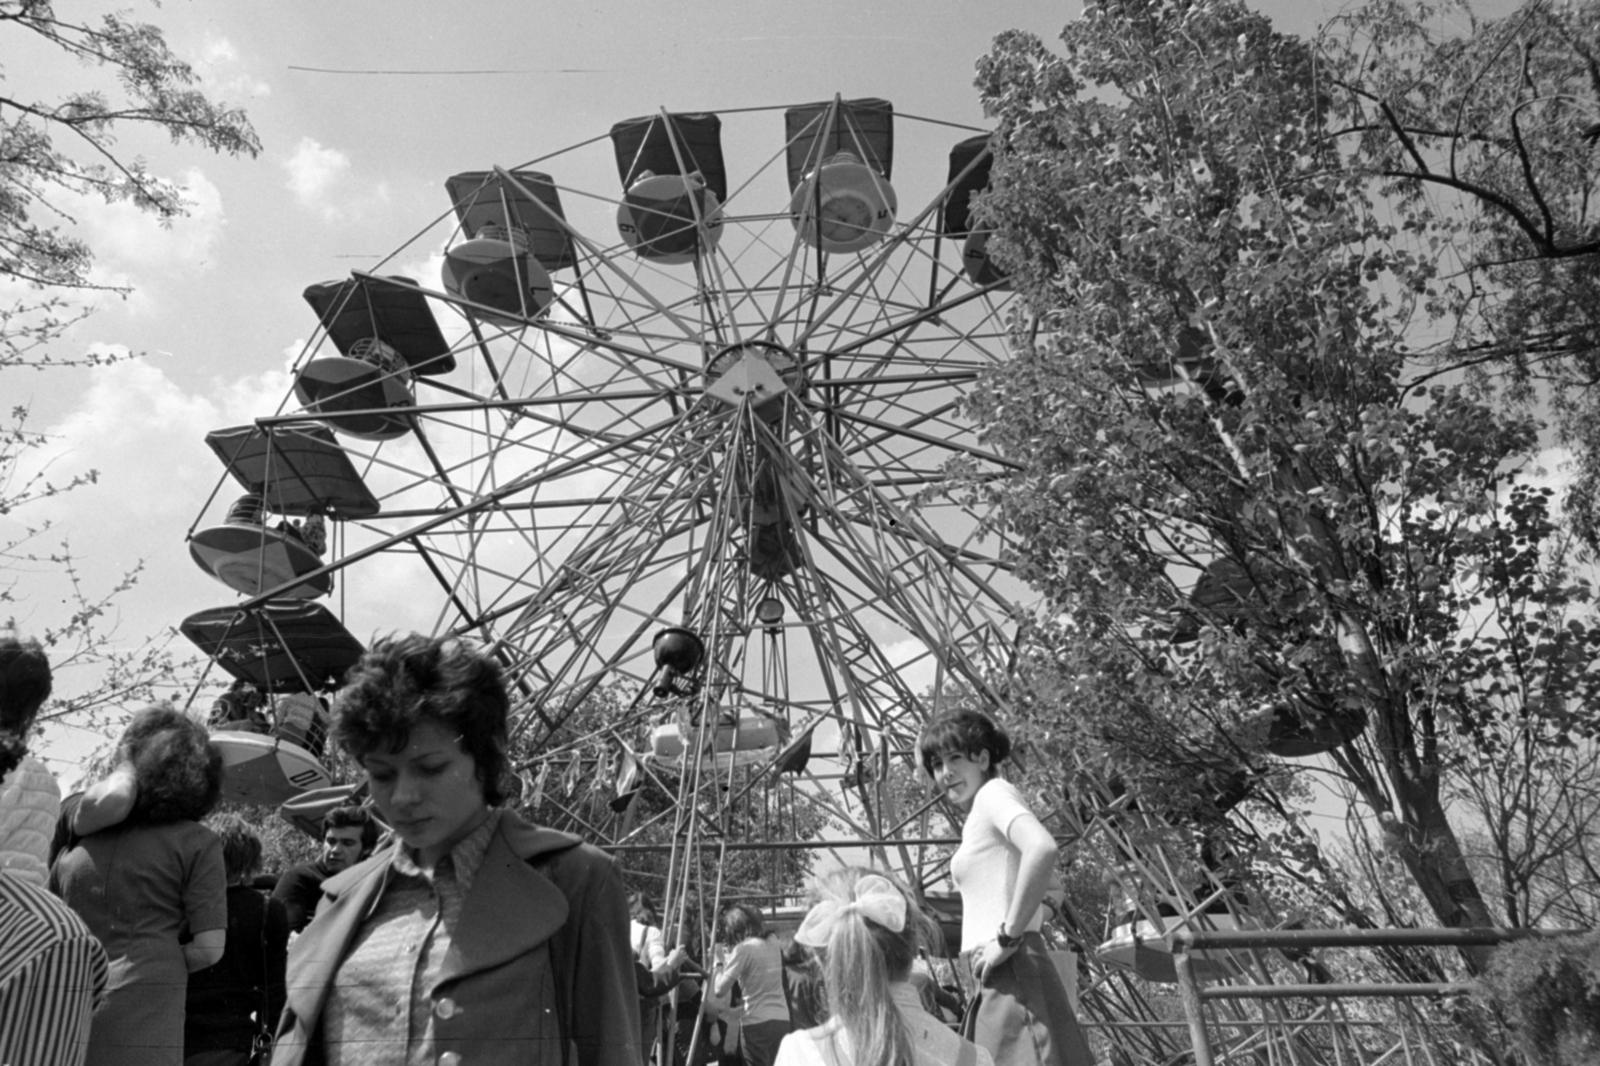 Meleg szívvel emlékezünk a Vidám Parkra